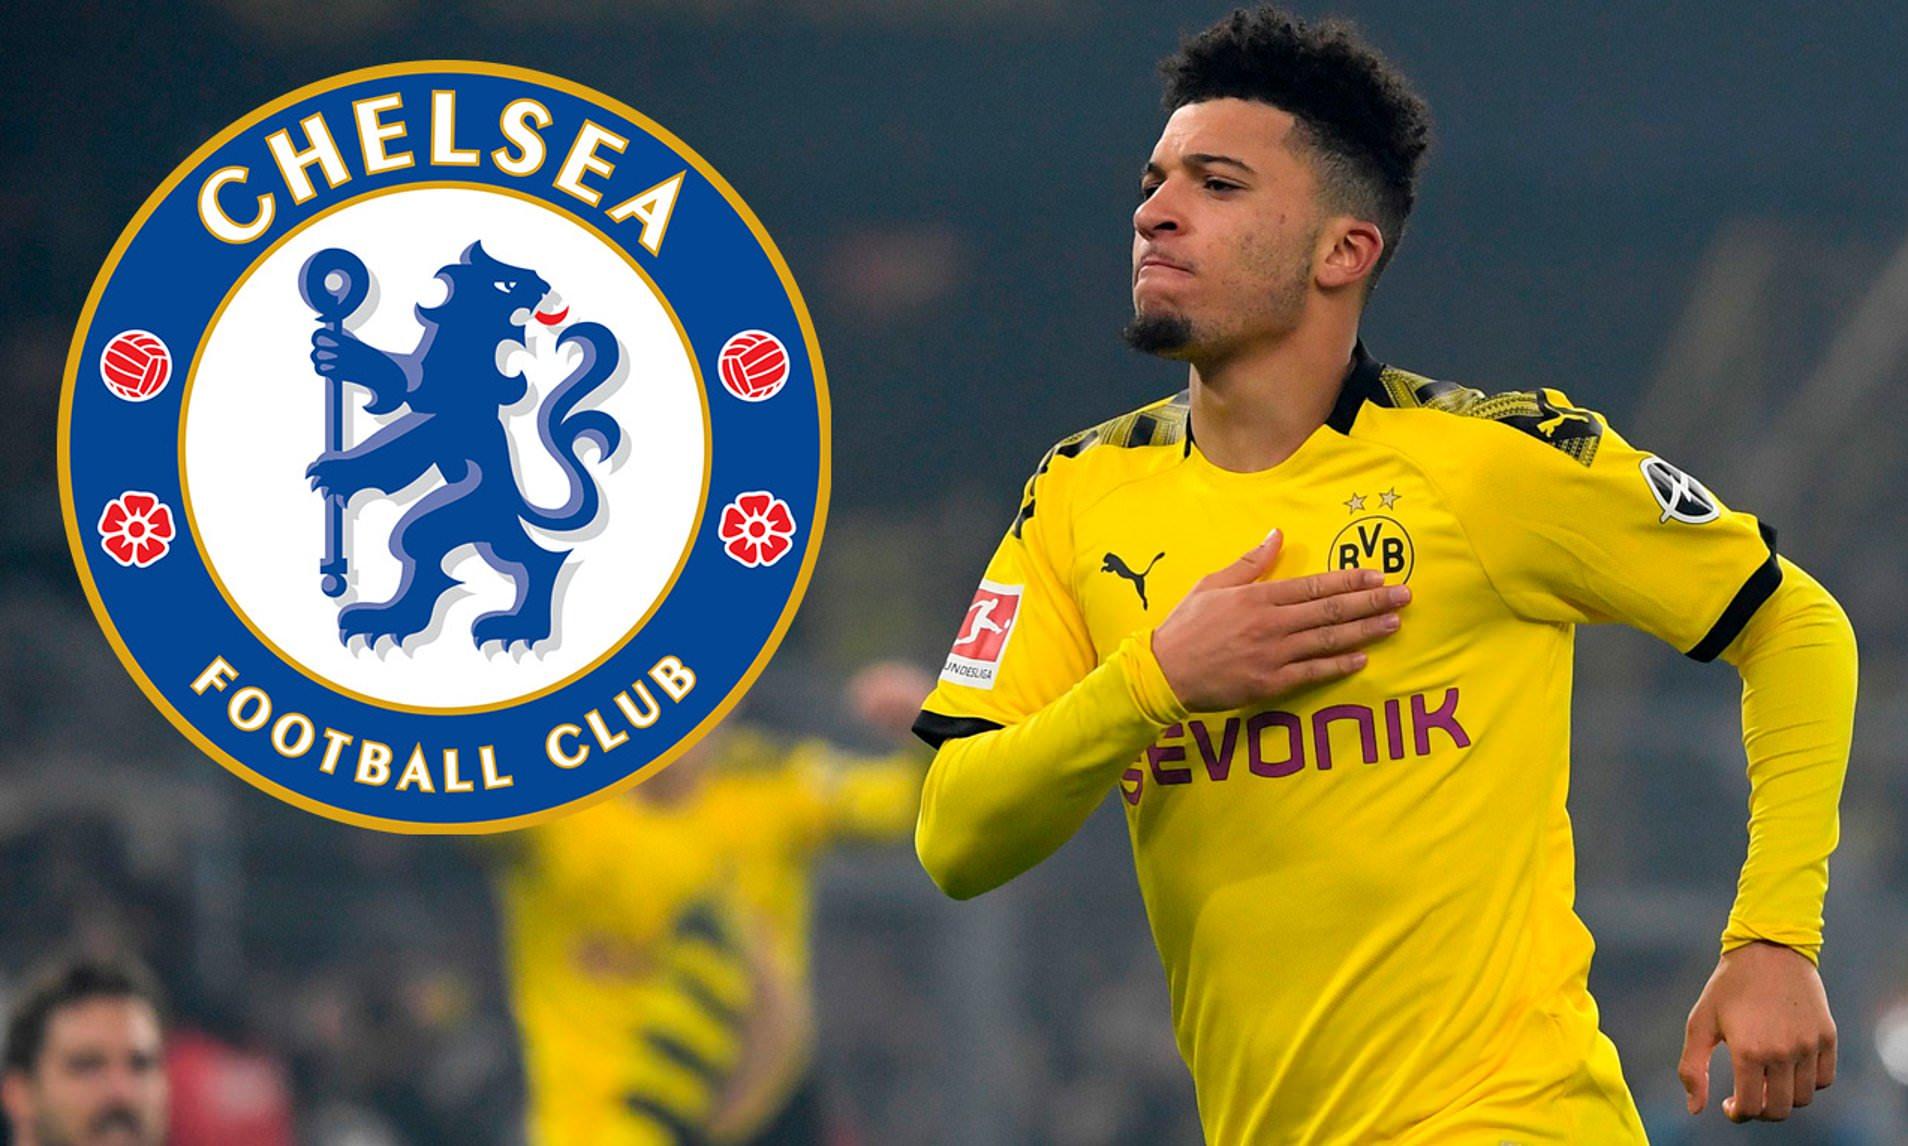 Tin chuyển nhượng Chelsea: Đội bóng của Thomas Tuchel muốn đánh bại Manchester United và Liverpool để có được Jadon Sancho